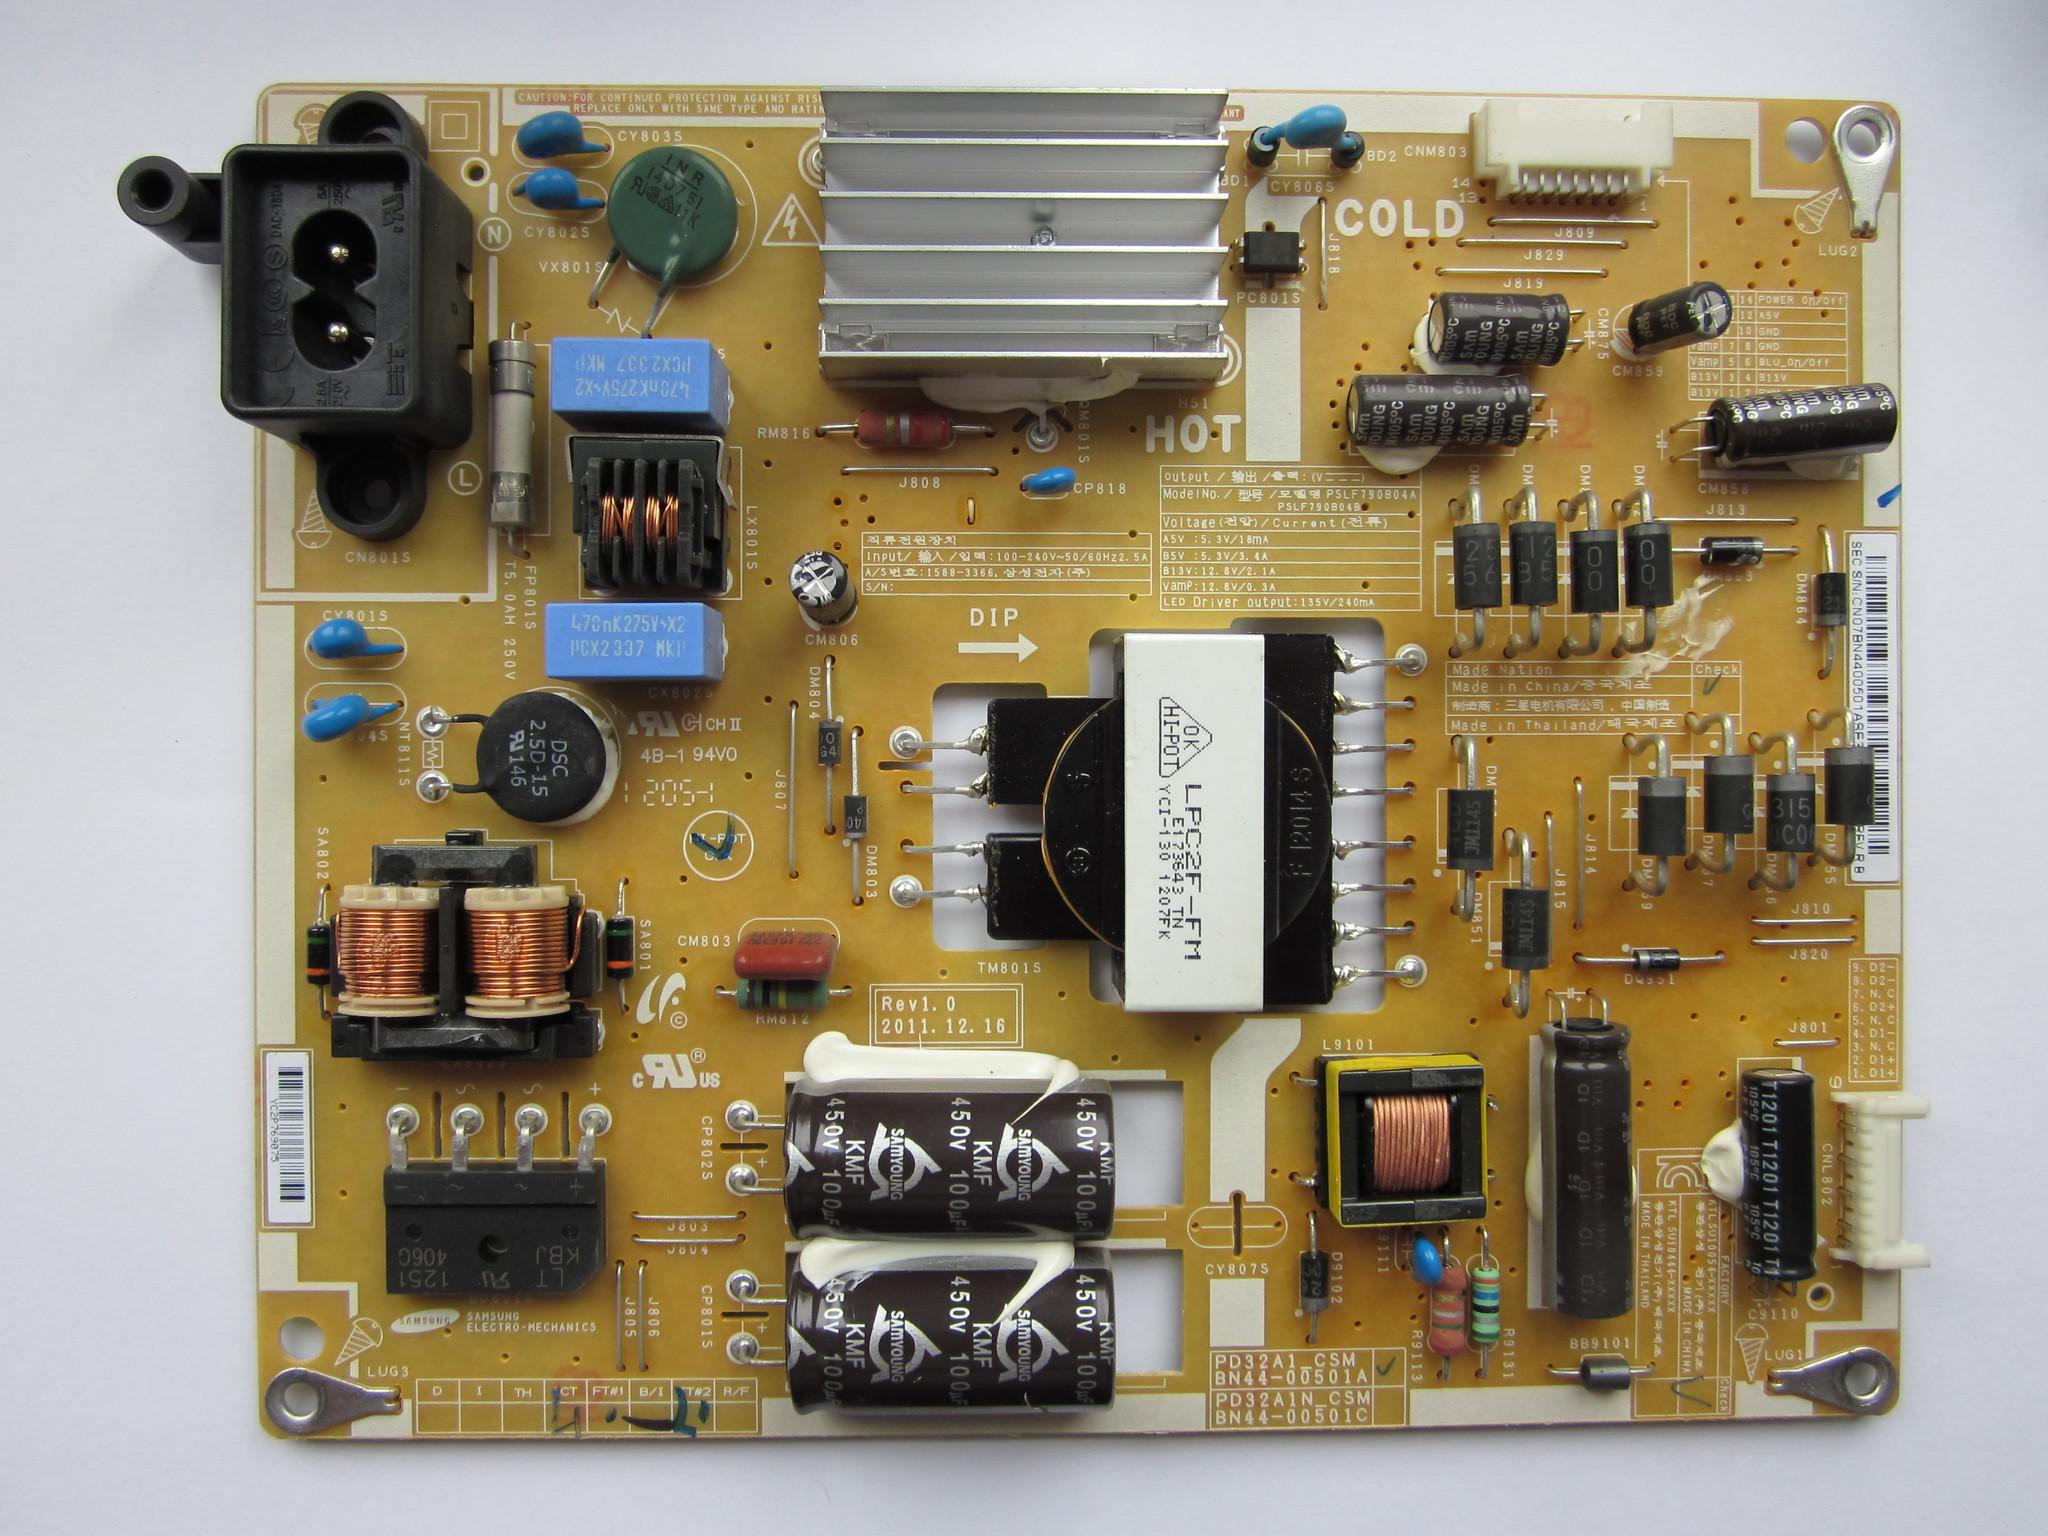 BN44-00501A Rev 1.0